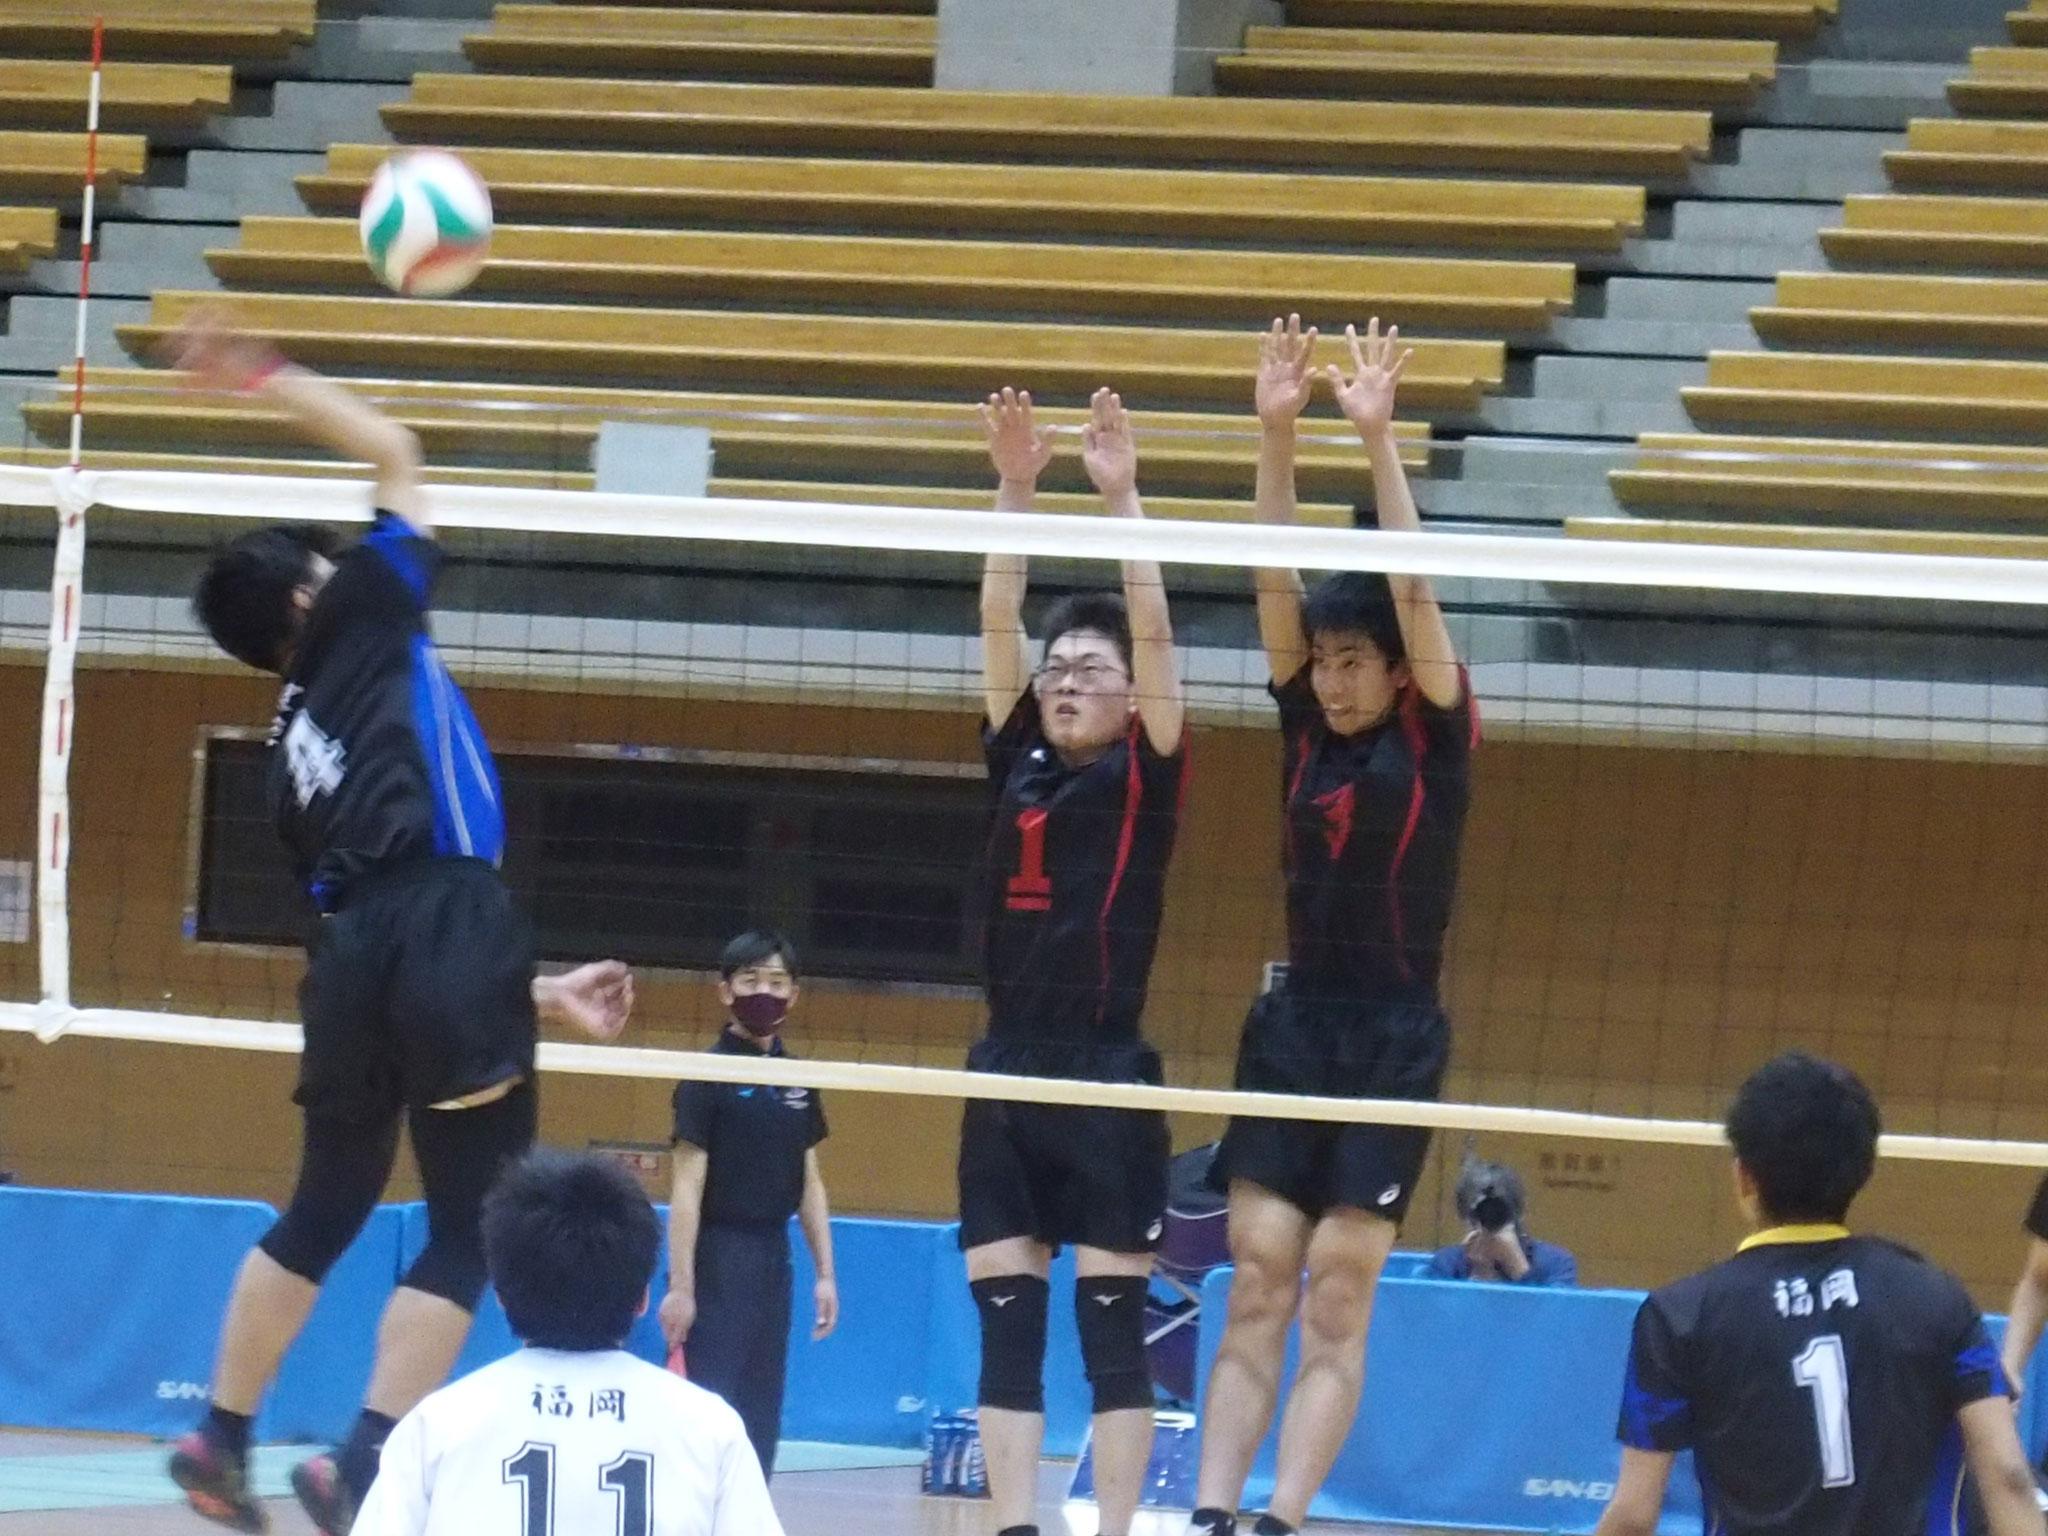 【バレーボール】5/27~31 @花巻市総合体育館